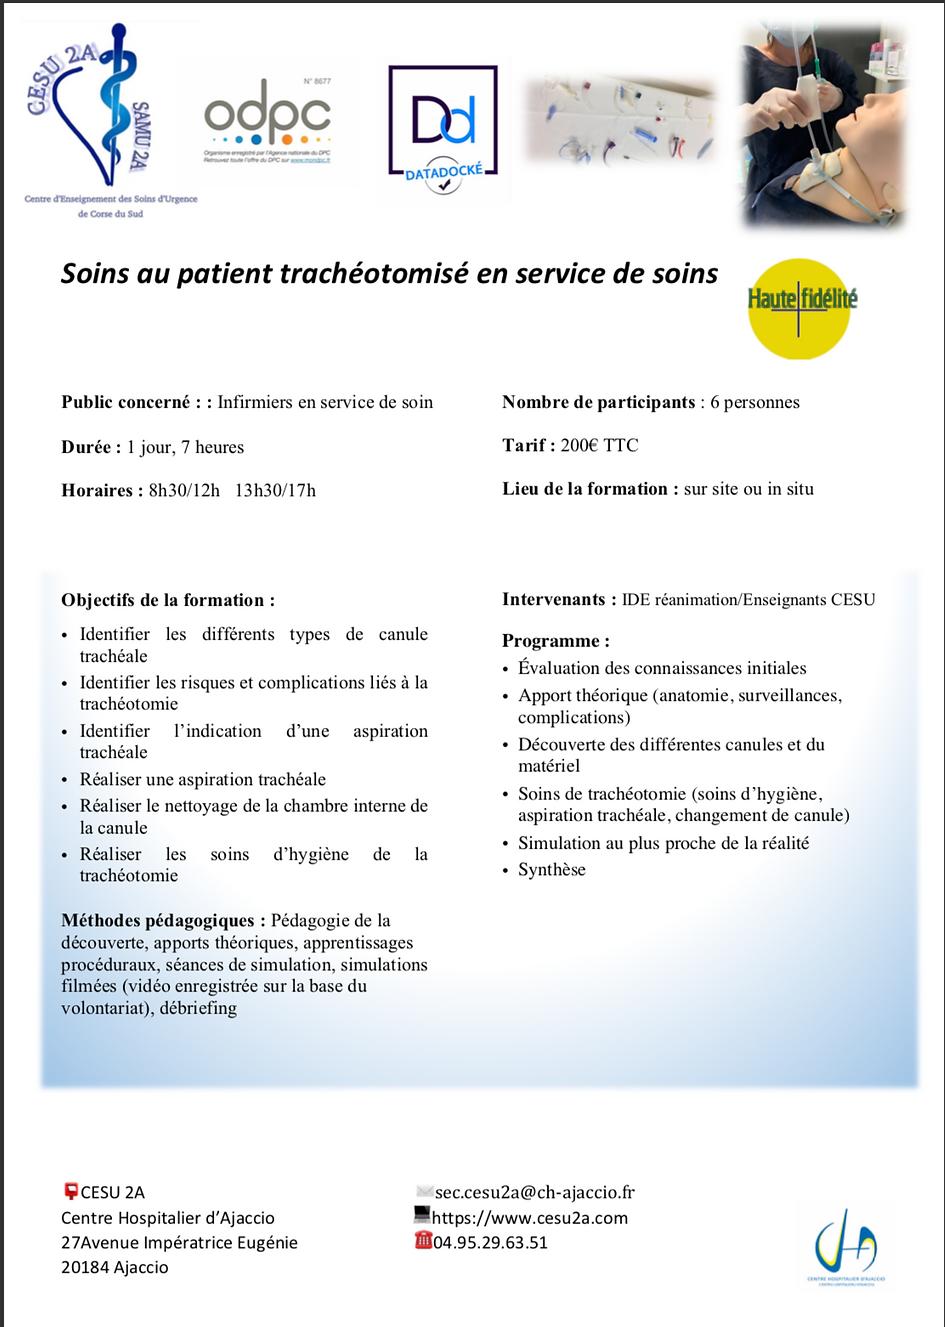 Soins_au_patient_trachéotomisé.png